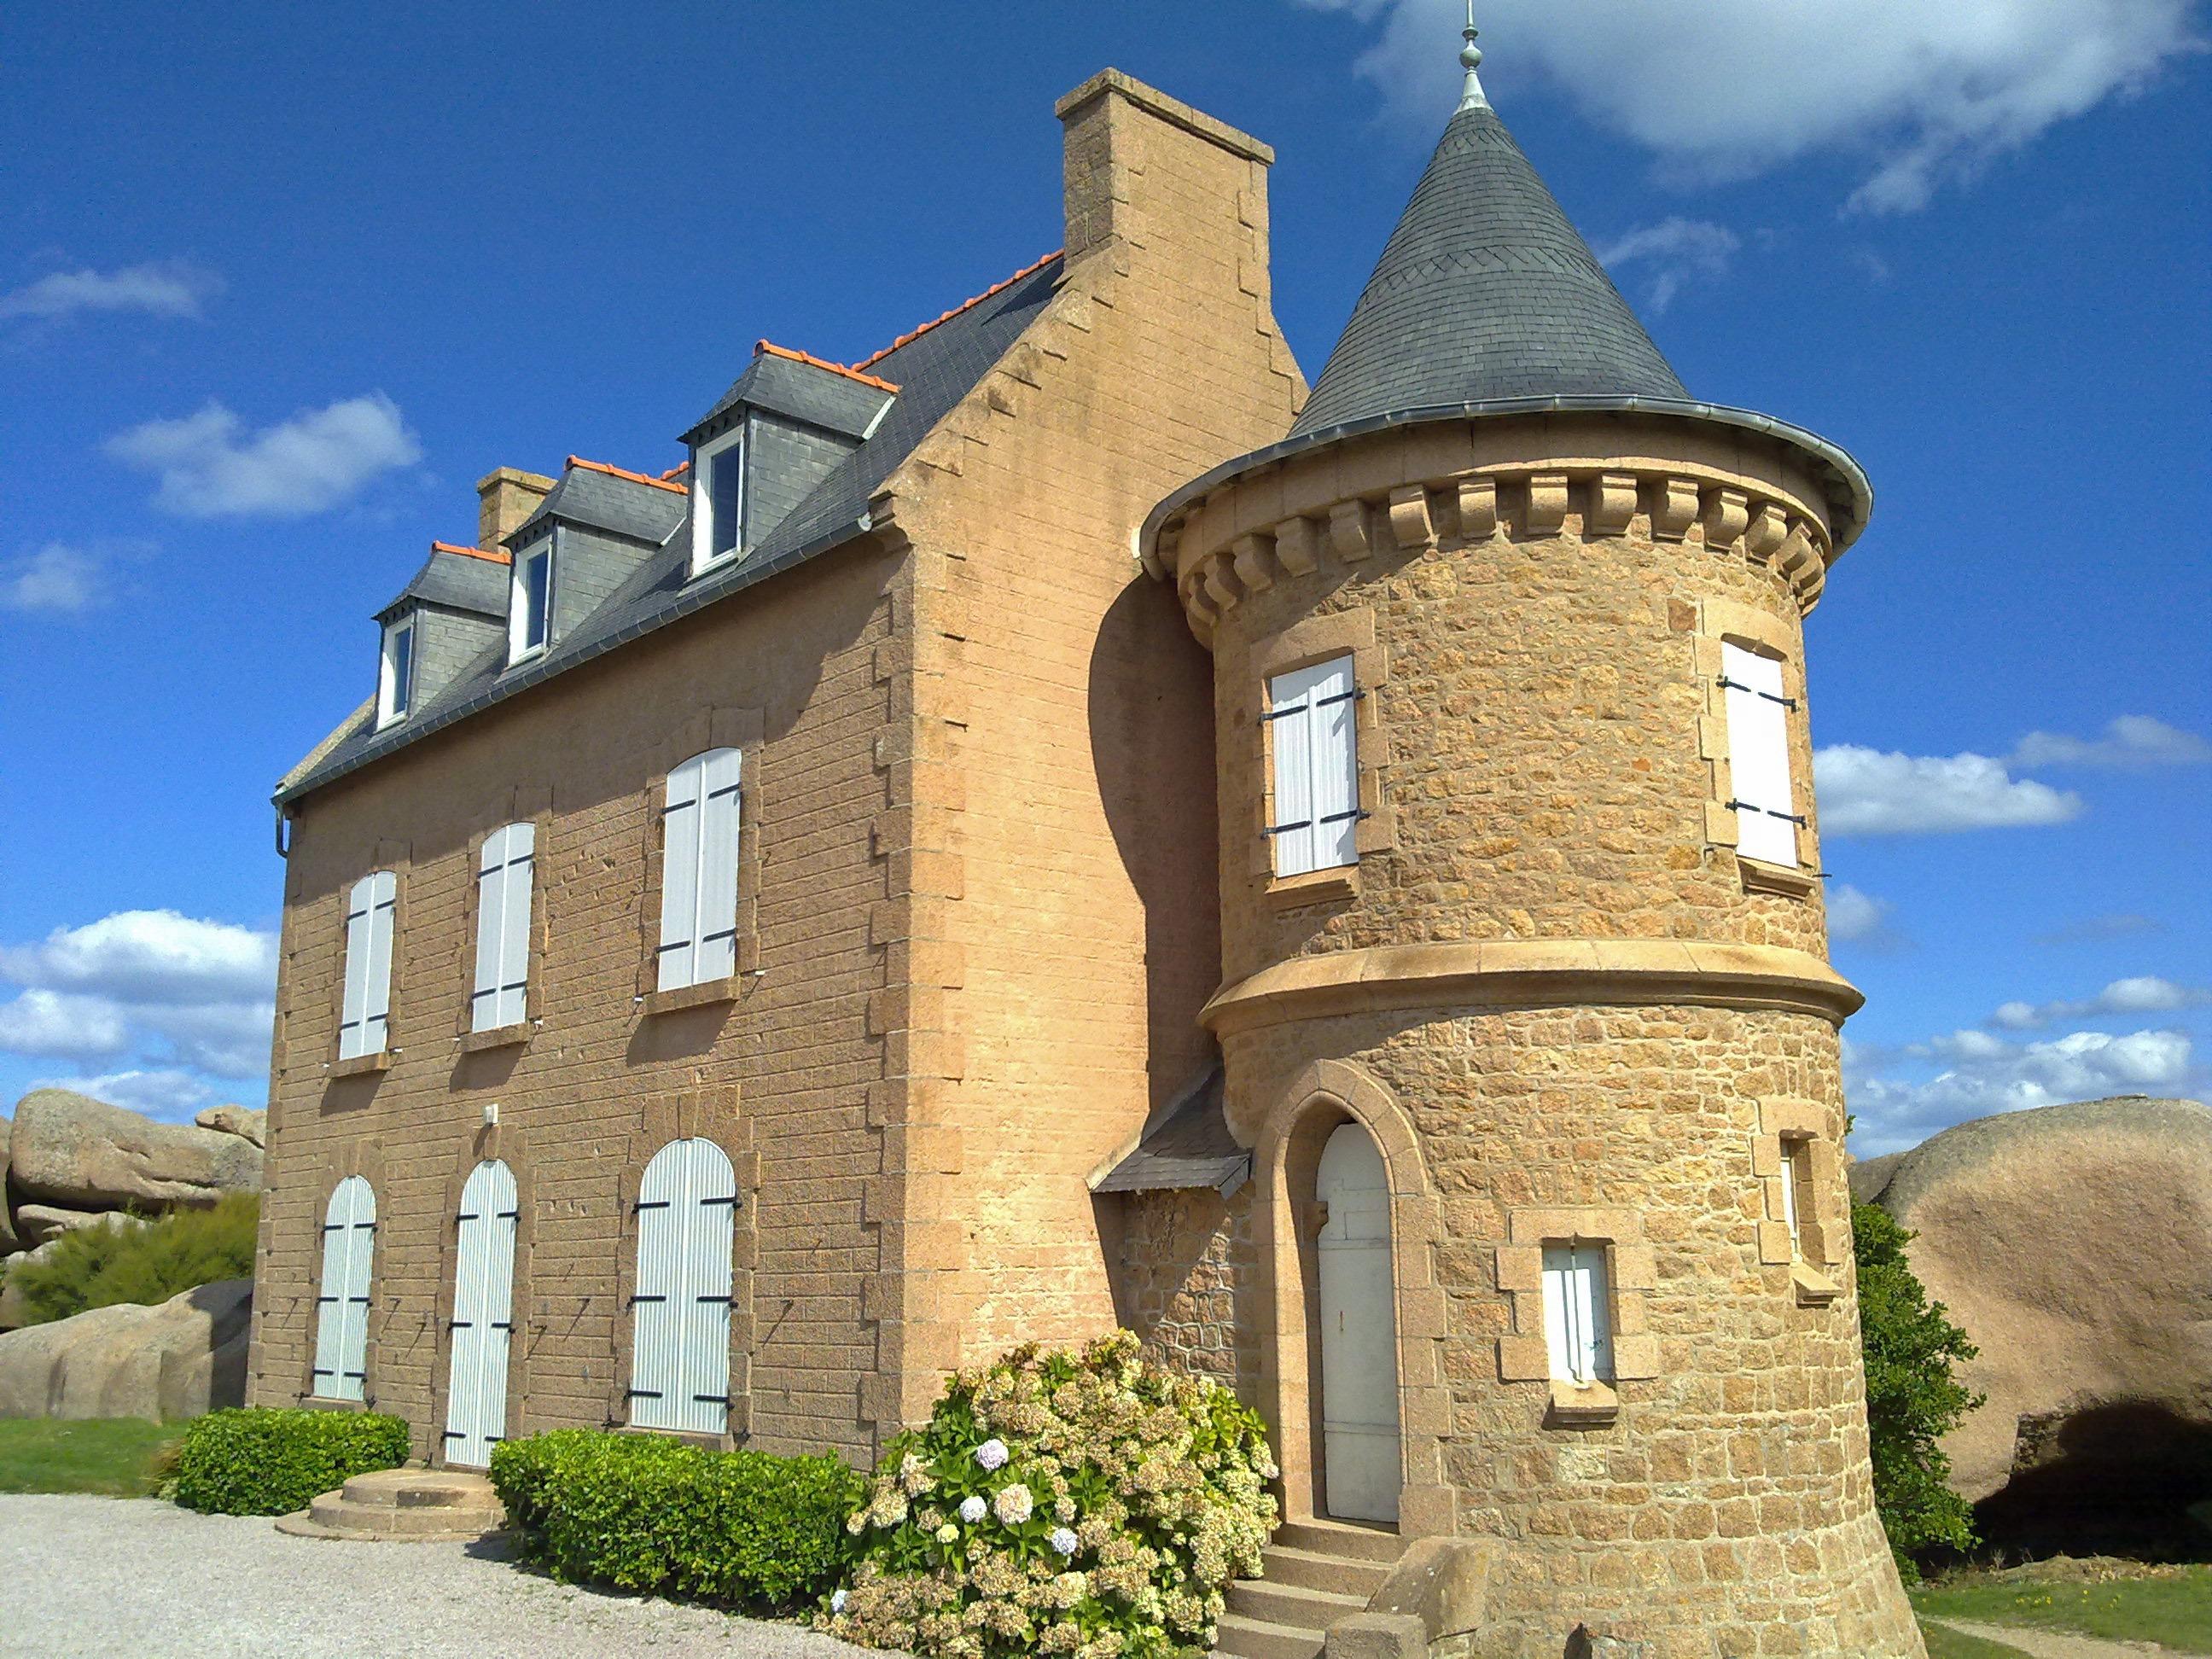 бэта, современные дома с башней крепость фото создании породы